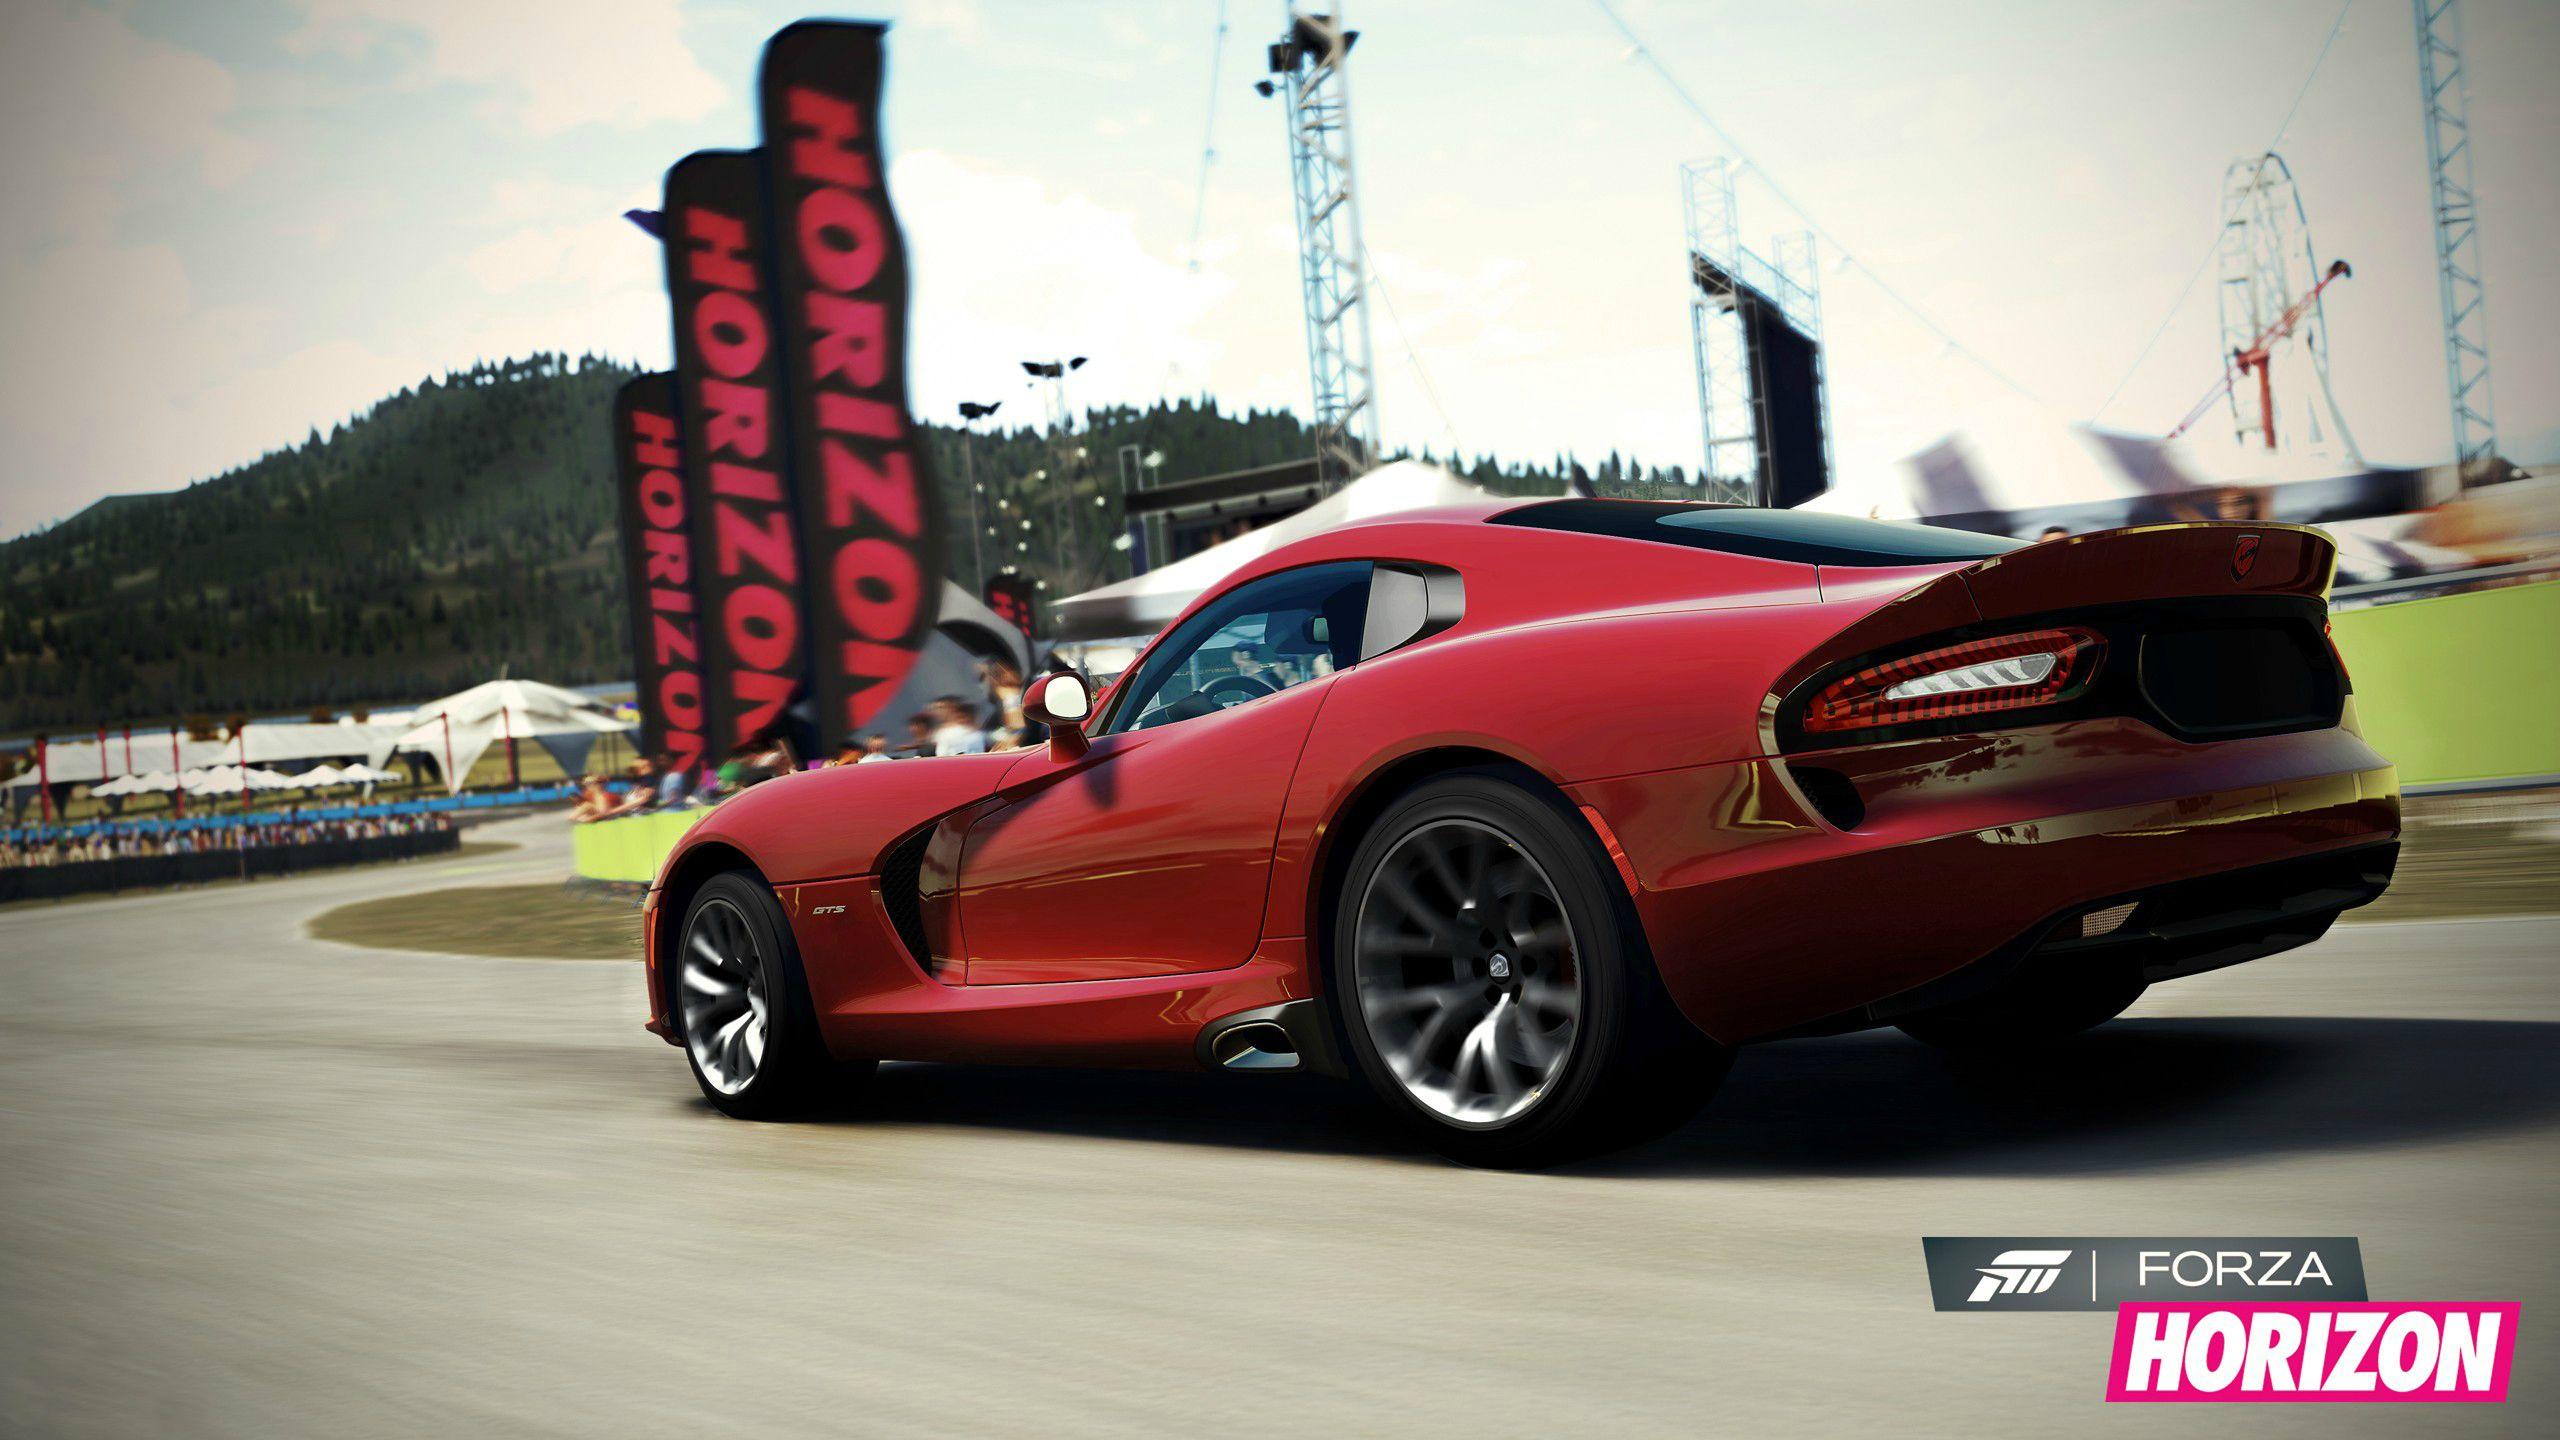 Возвращение к истокам: Forza Horizon.. - Изображение 5